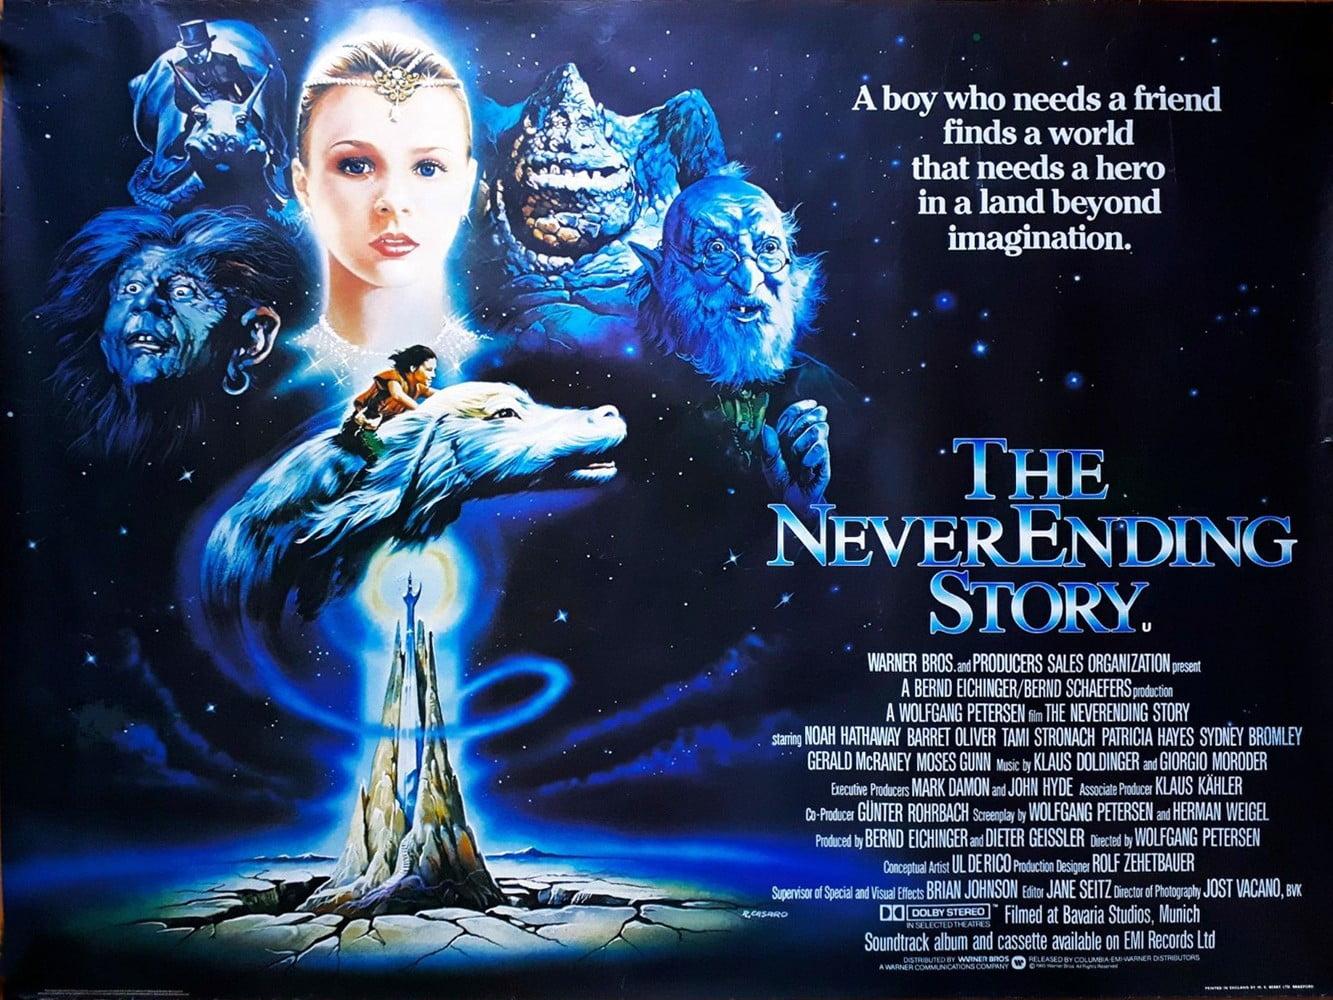 Neverendingstory2